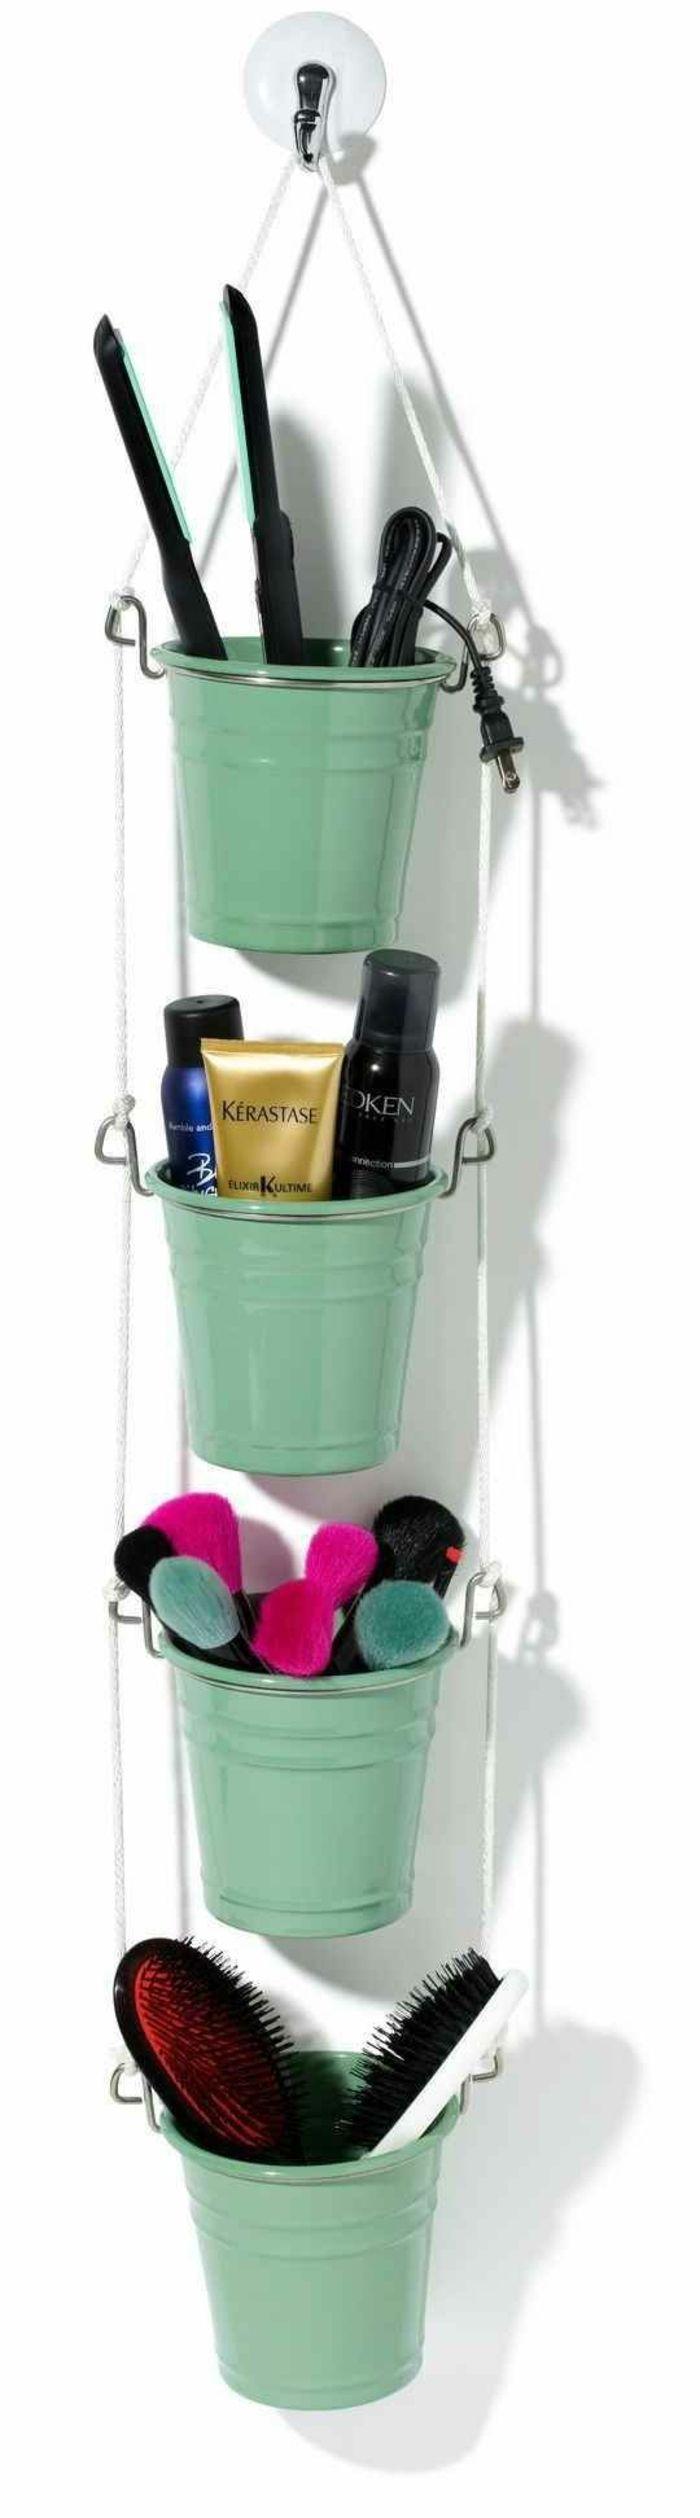 Kleines badezimmer dekor diy badezimmerideenkleinegrüneeimerkosmetischeprodukte